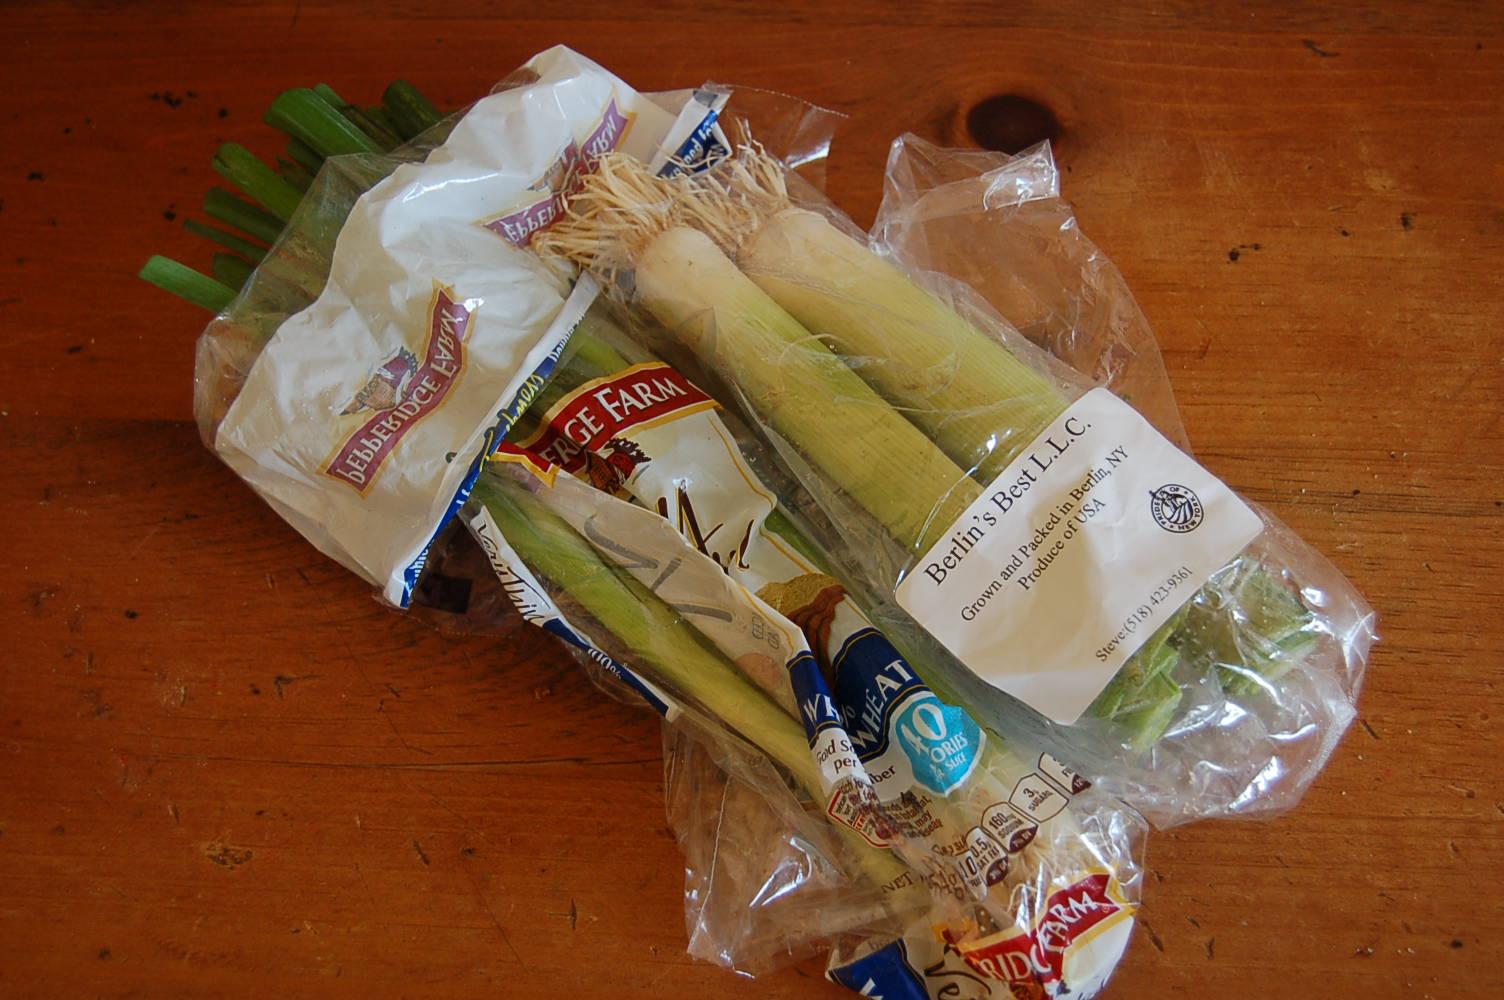 Leeks in bags